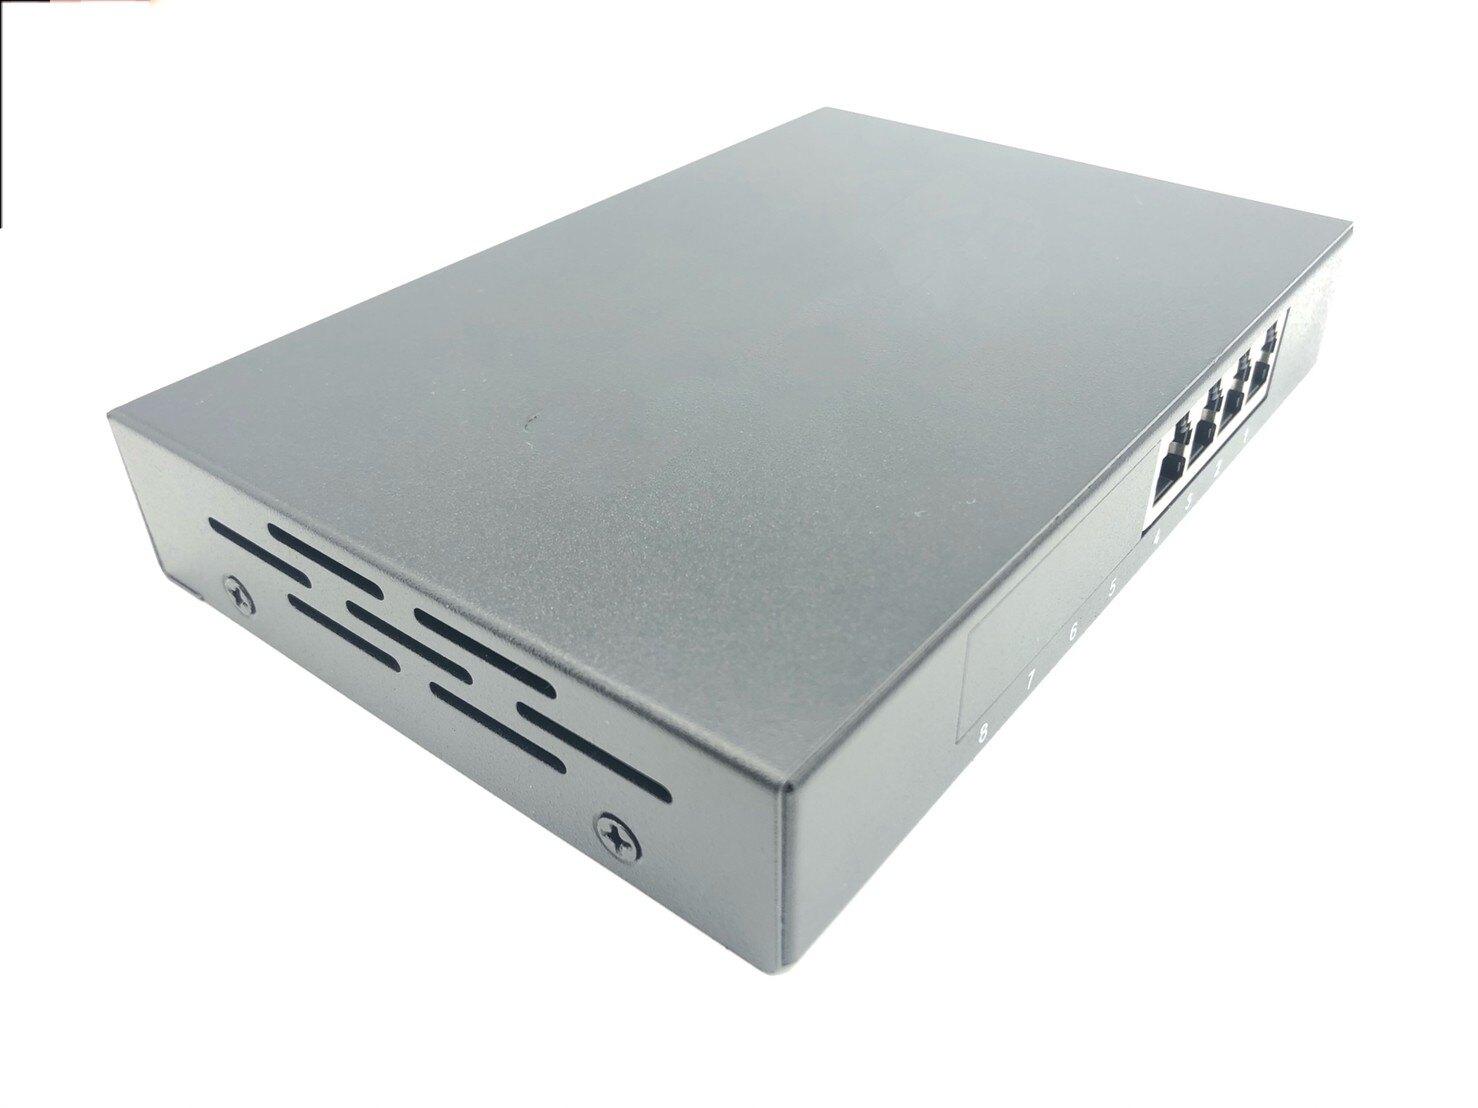 FRB08UB電話錄音盒8線錄音電話 保固一年錄音電話 電話錄音器當日出貨USB4線  鐵製外殼耐用 最新機種最穩定